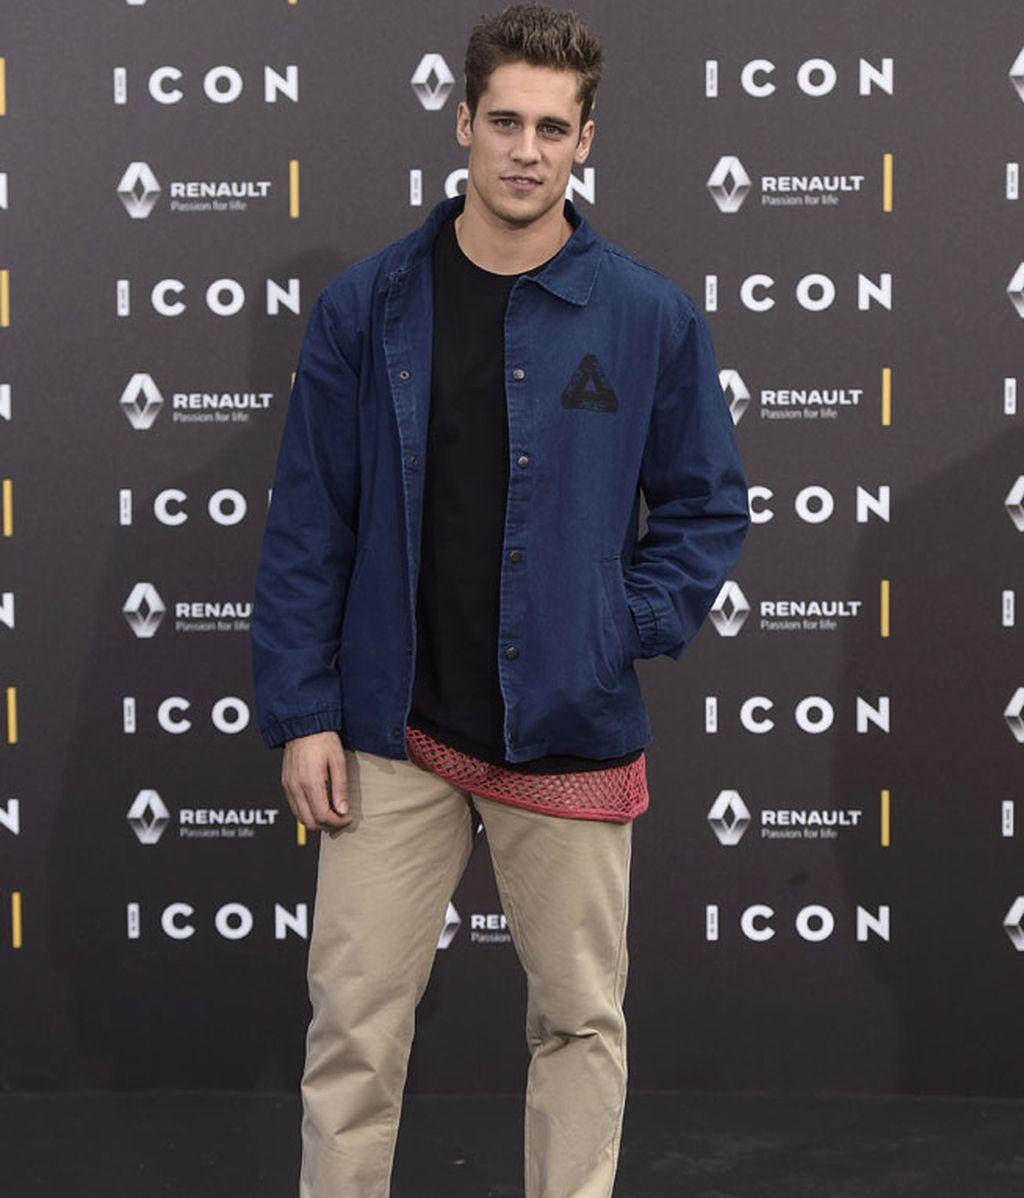 Martín Rivas acudió con un look informal de camisa vaquera